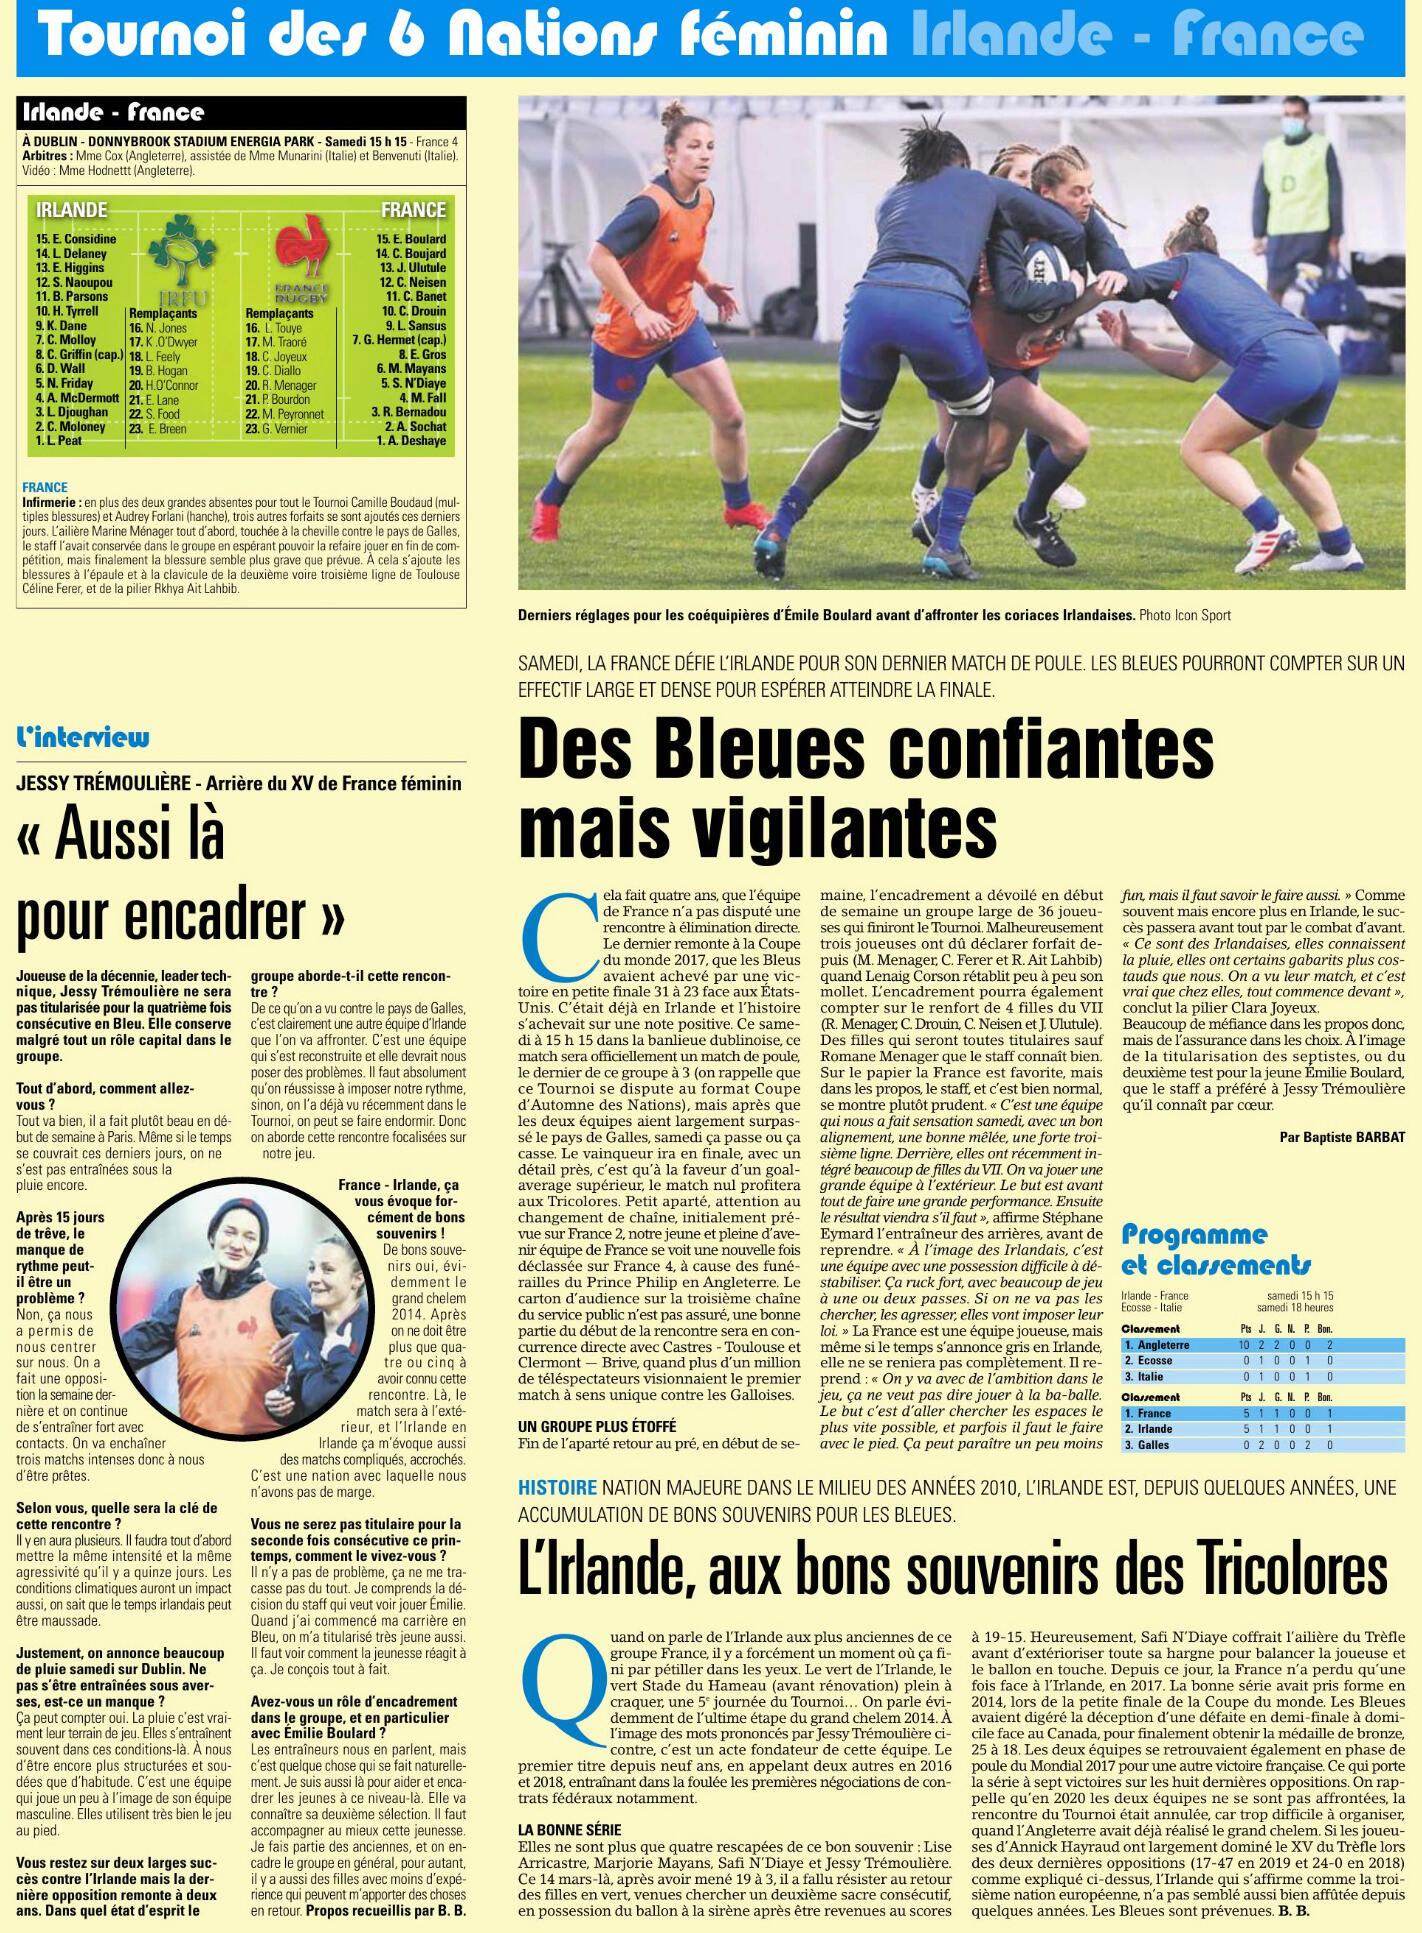 XV de France féminin - Page 3 Capt1199